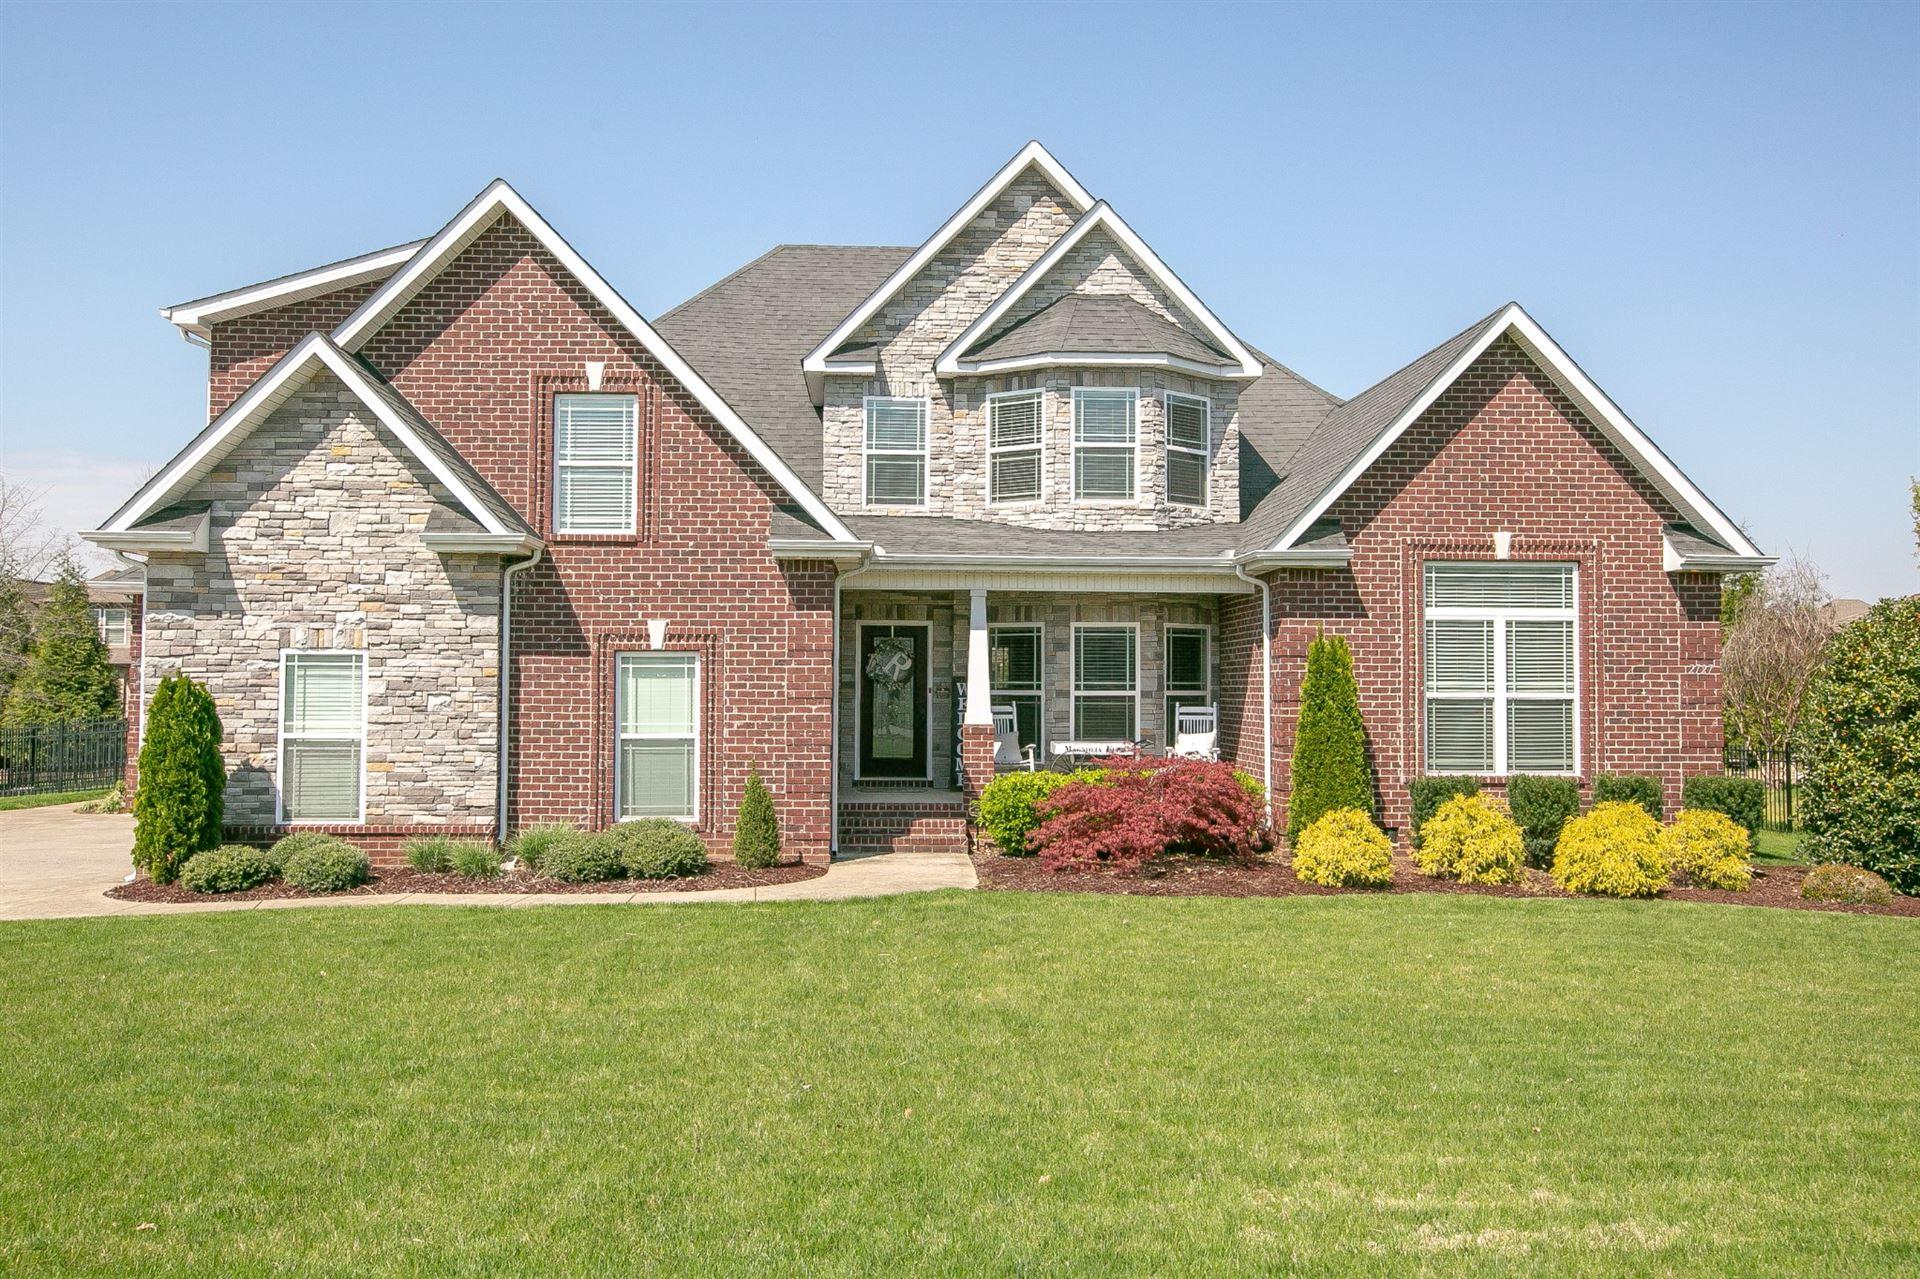 2727 Battleground Drive, Murfreesboro, TN 37129 - MLS#: 2242212